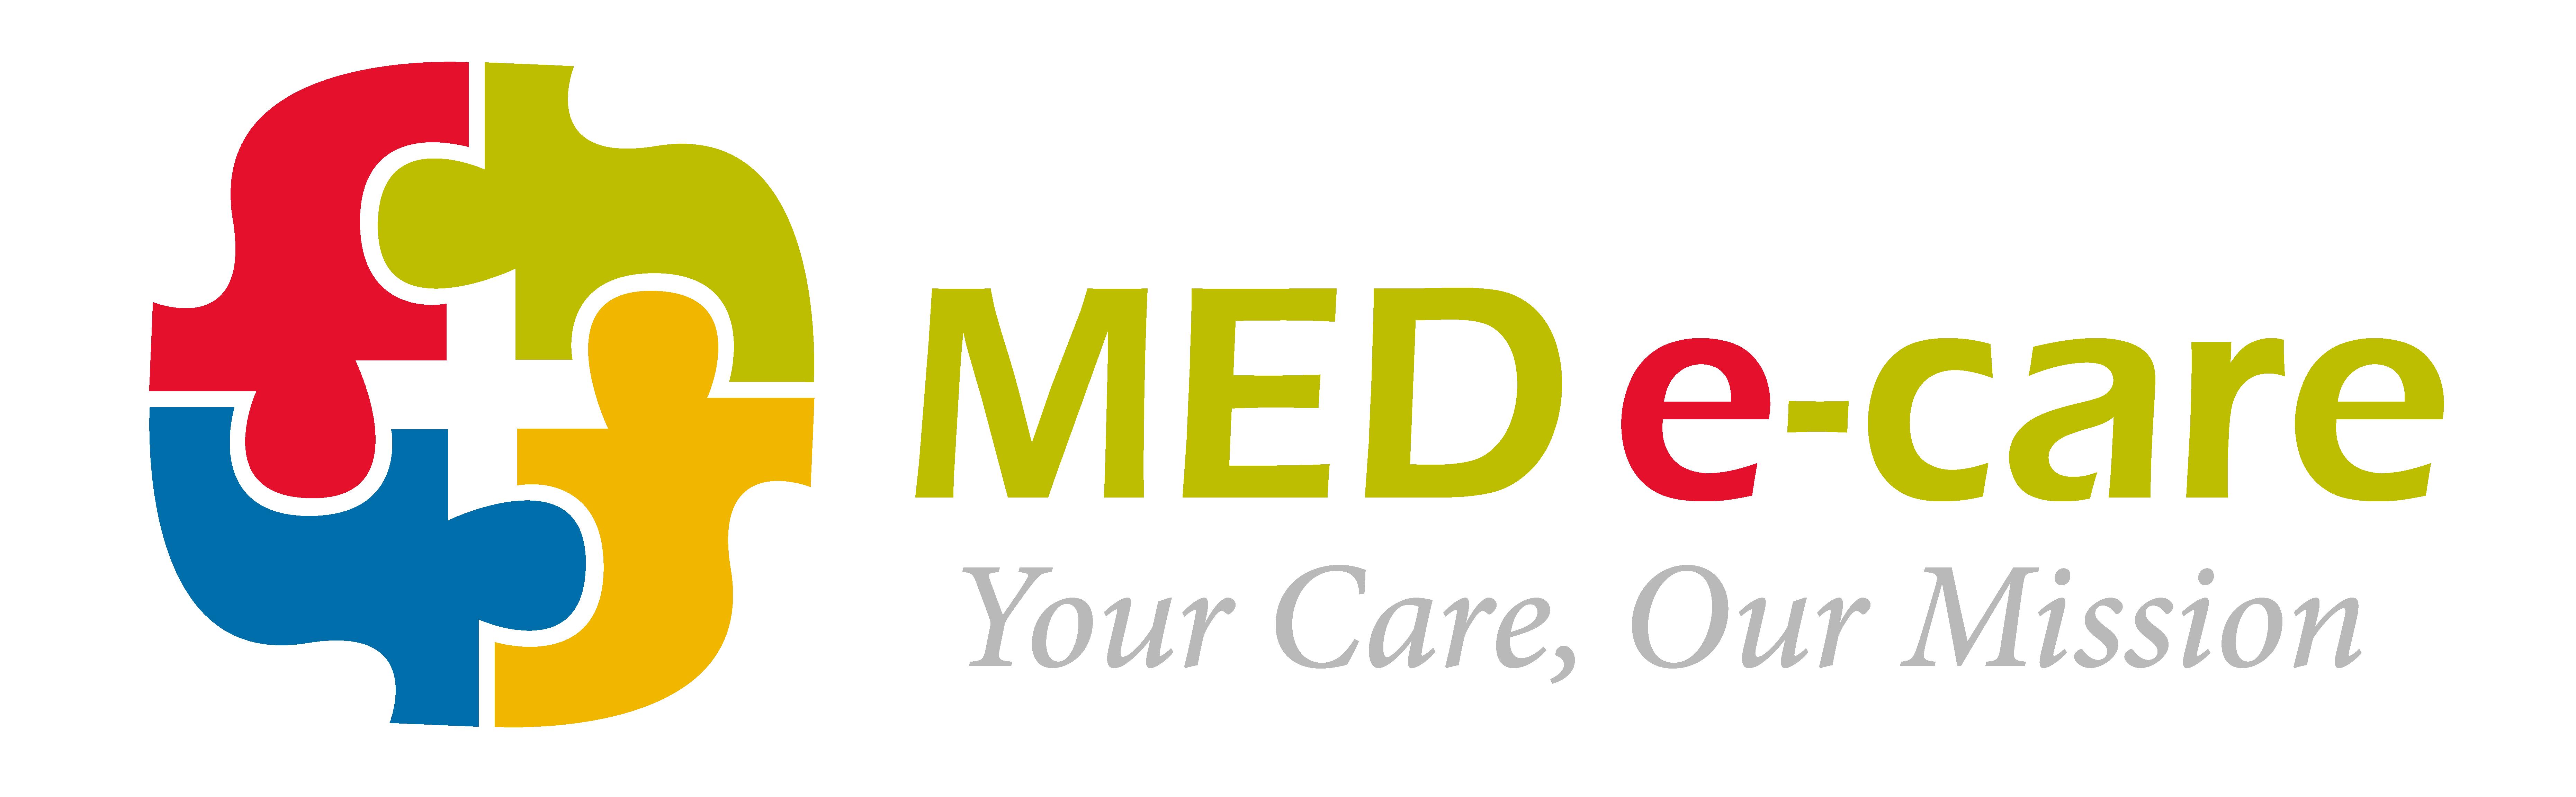 medecare-logo-full-logo-colour-01-2